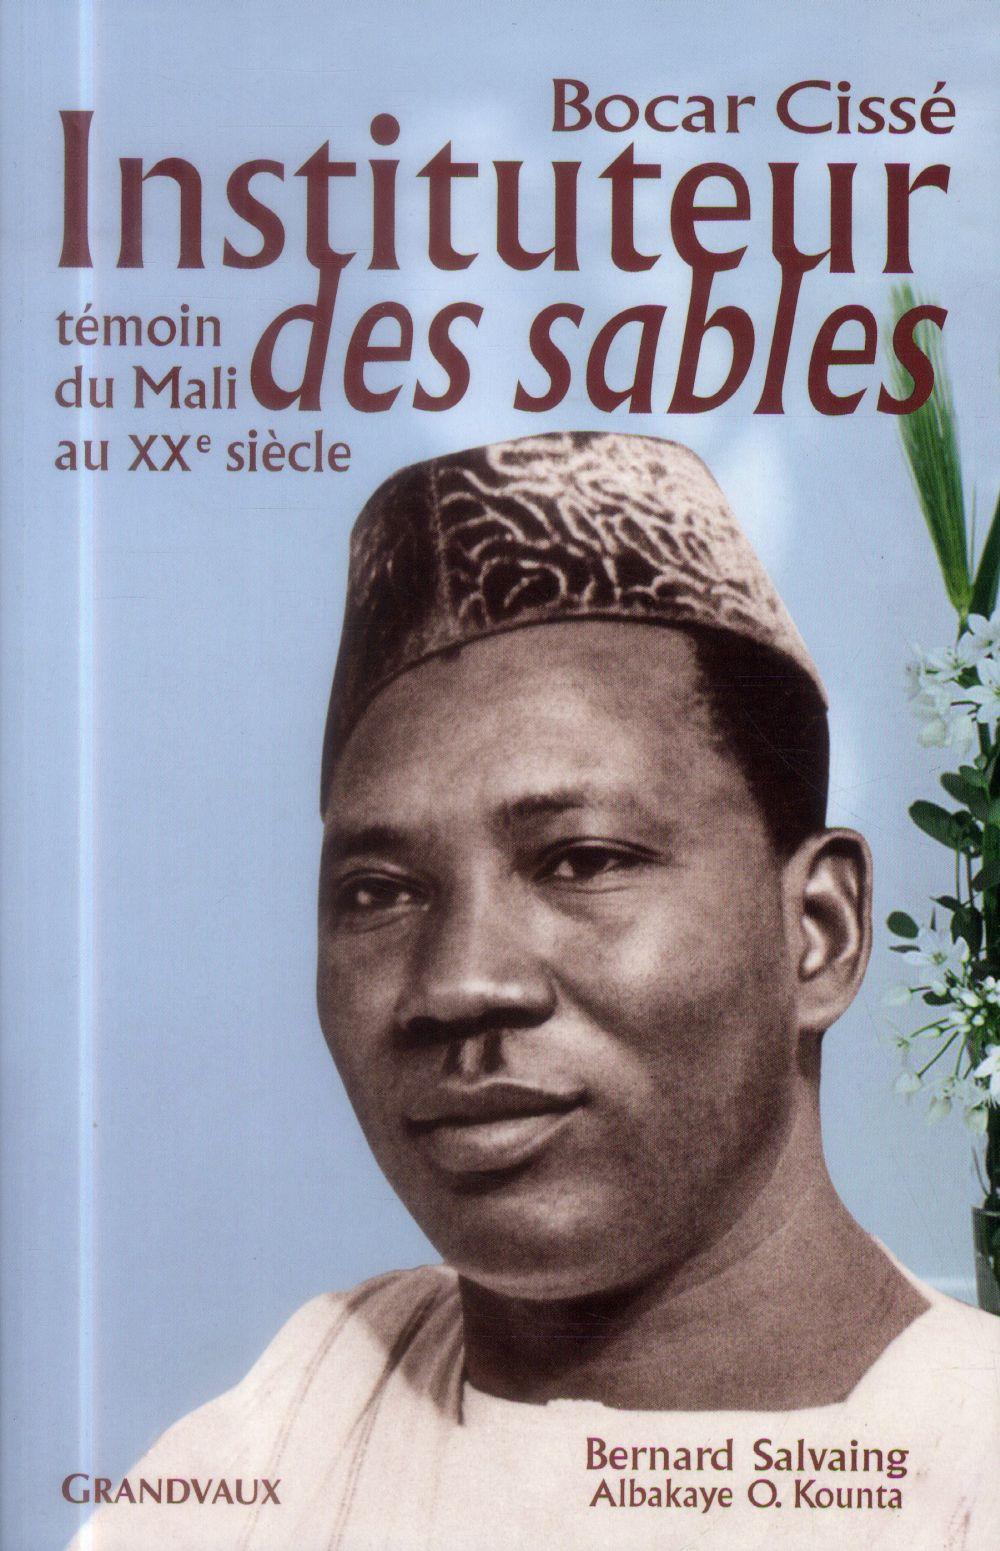 Bocar Cissé ; instituteur des sables ; témoin du Mali du XXe siècle